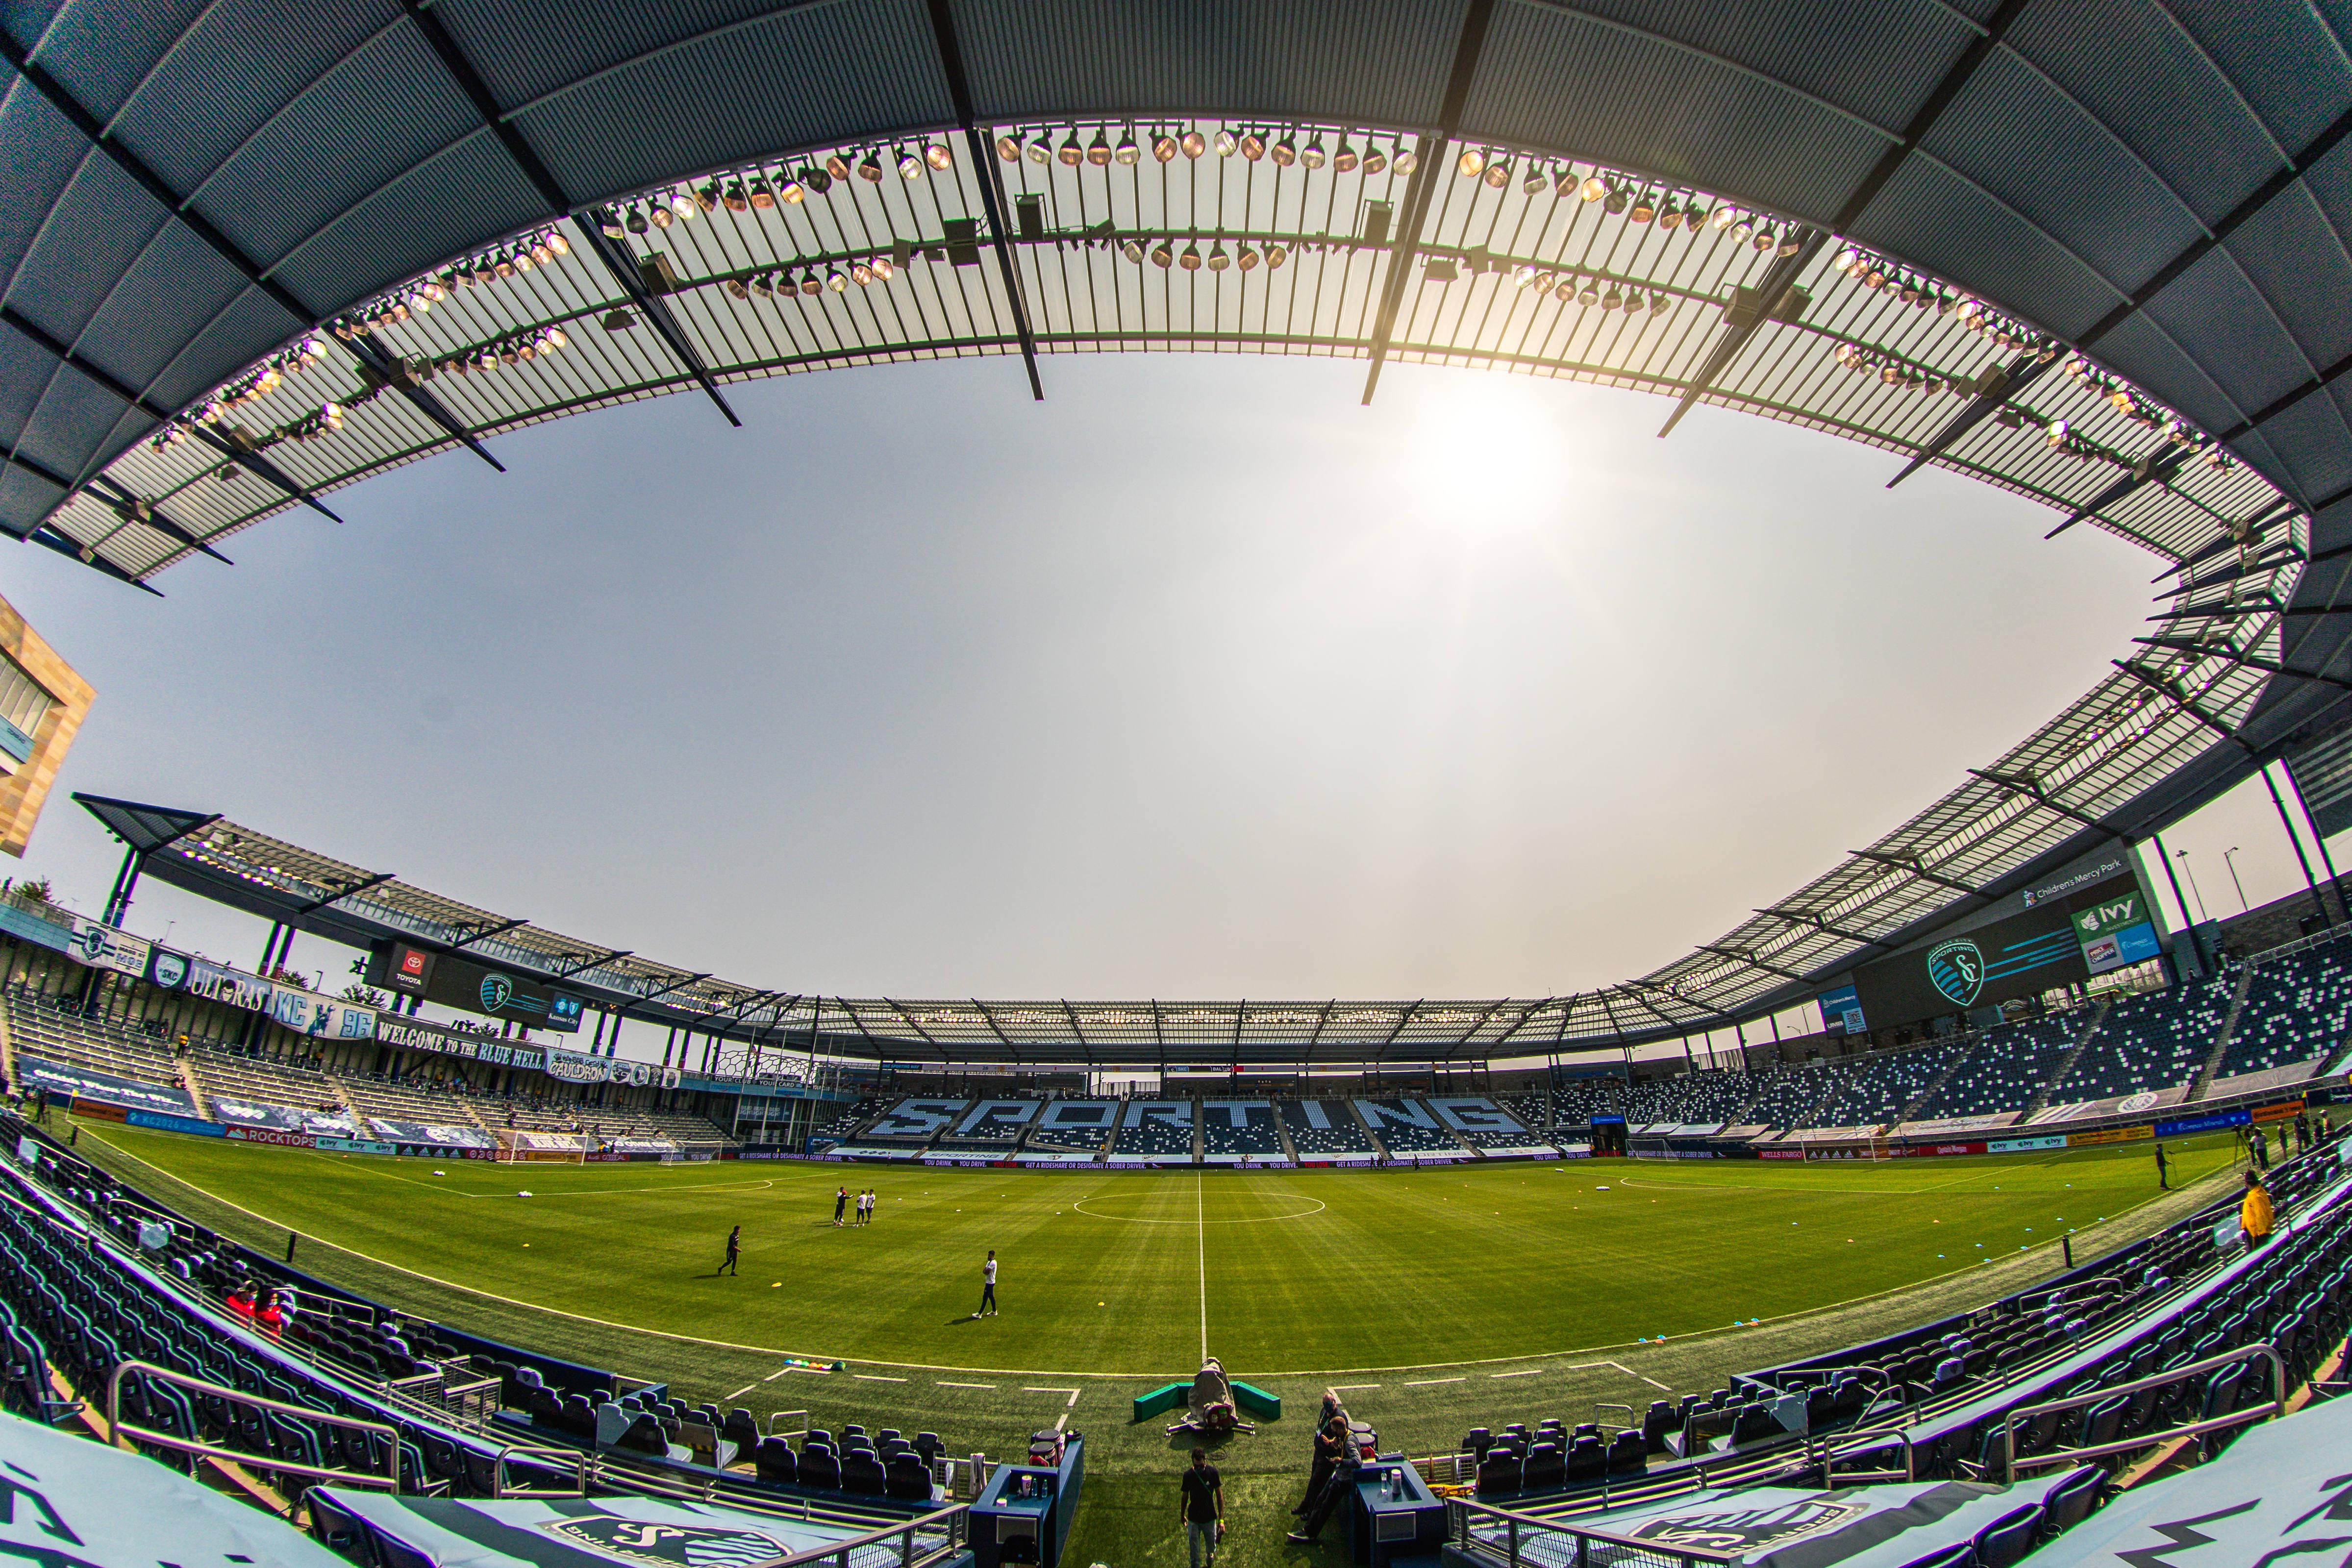 SOCCER: SEP 19 MLS - FC Dallas at Sporting Kansas City